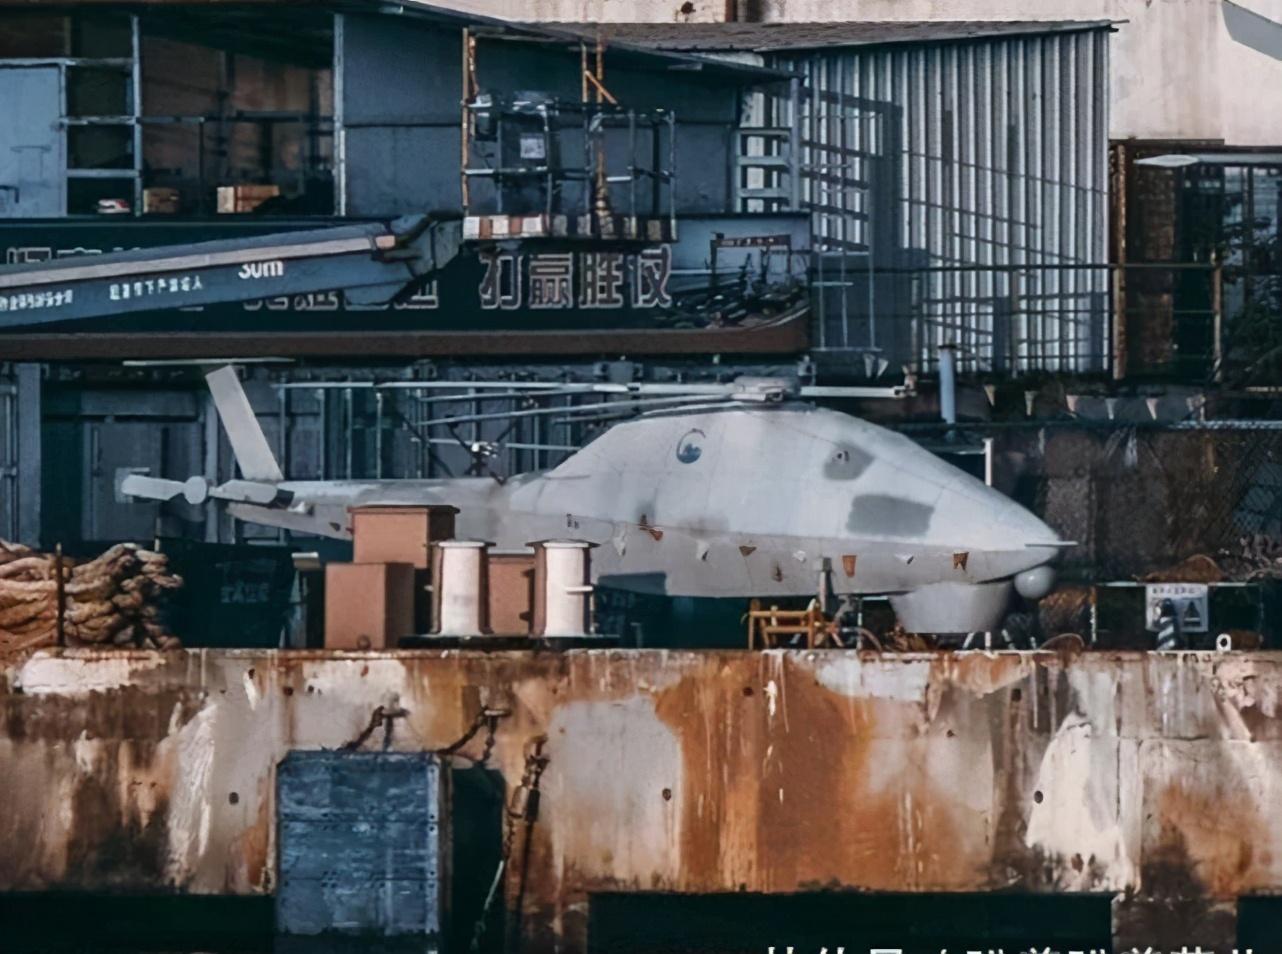 2020年舰载机大发展,五款新机曝光,国产航母机型终于全配齐